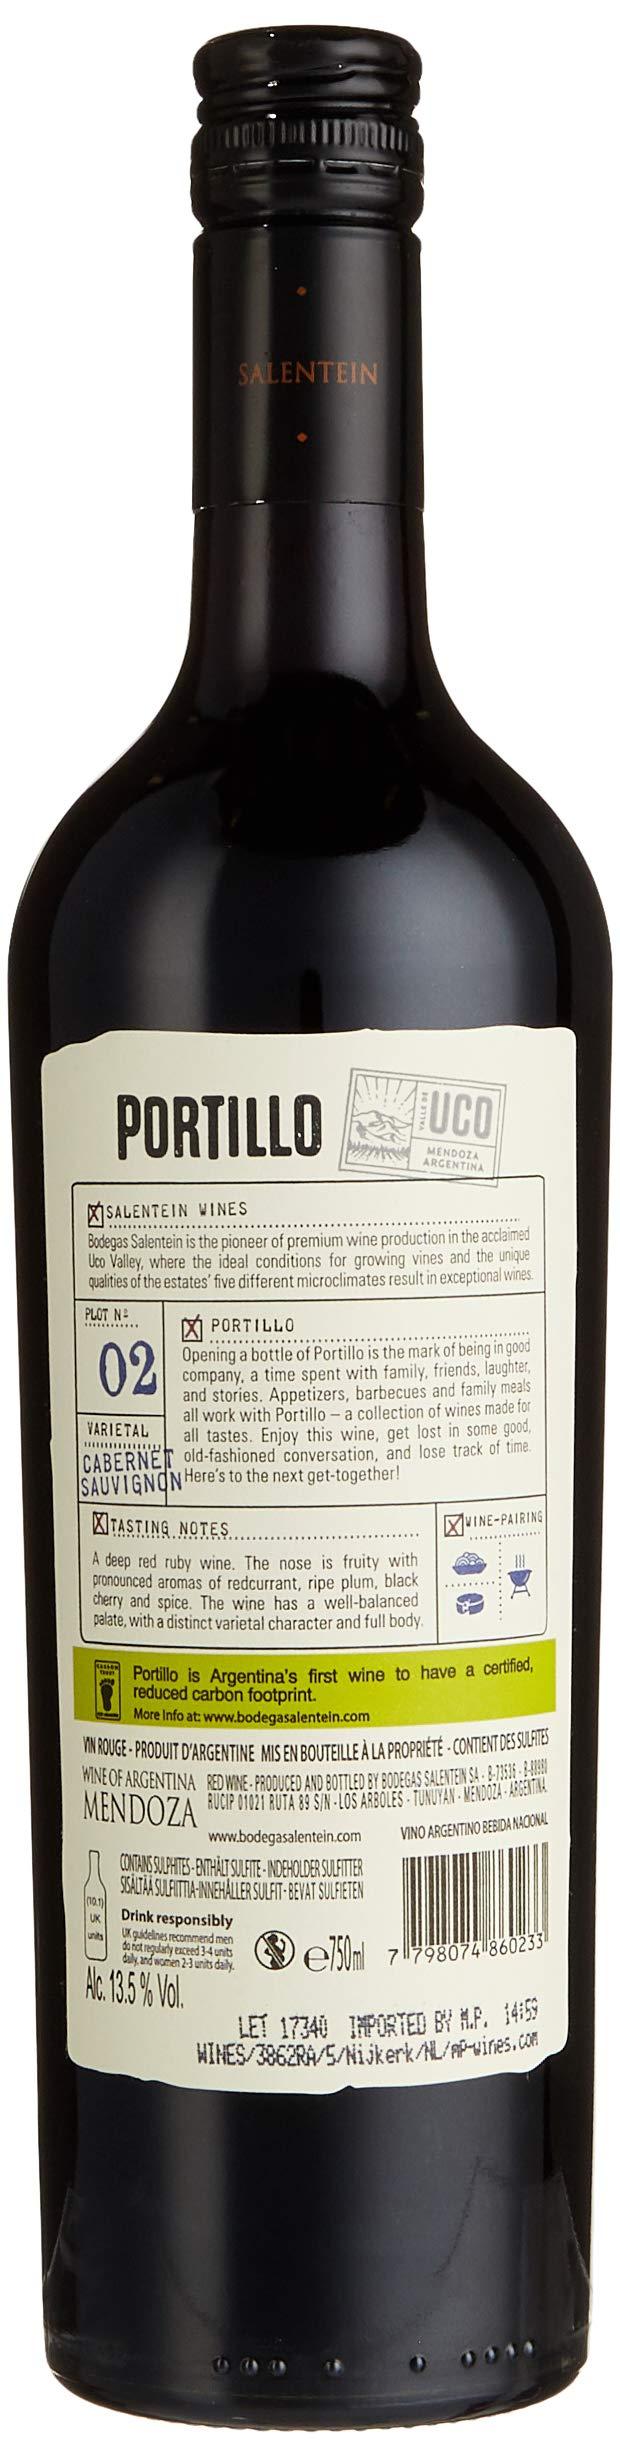 Portillo-by-Bodegas-Salentein-Cabernet-Sauvignon-6er-Pack-6-x-750-ml